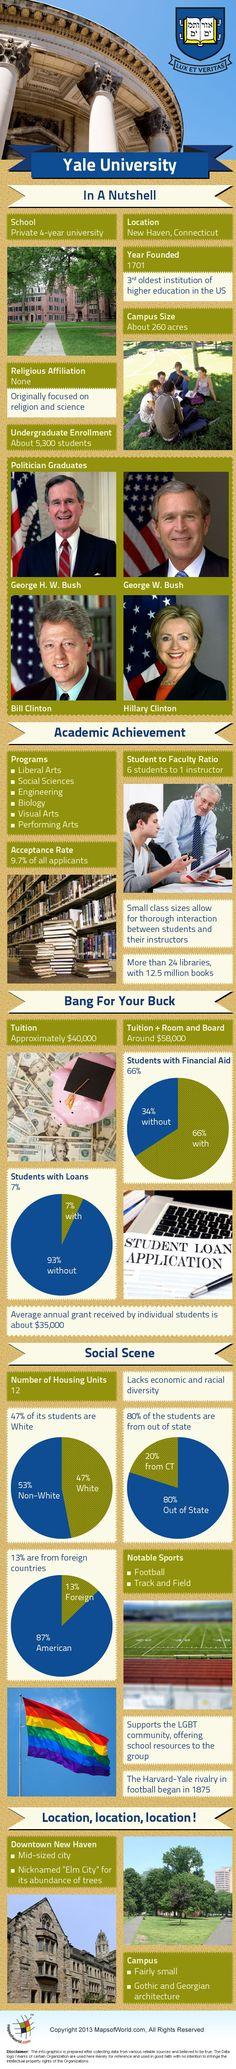 Yale University Infographic